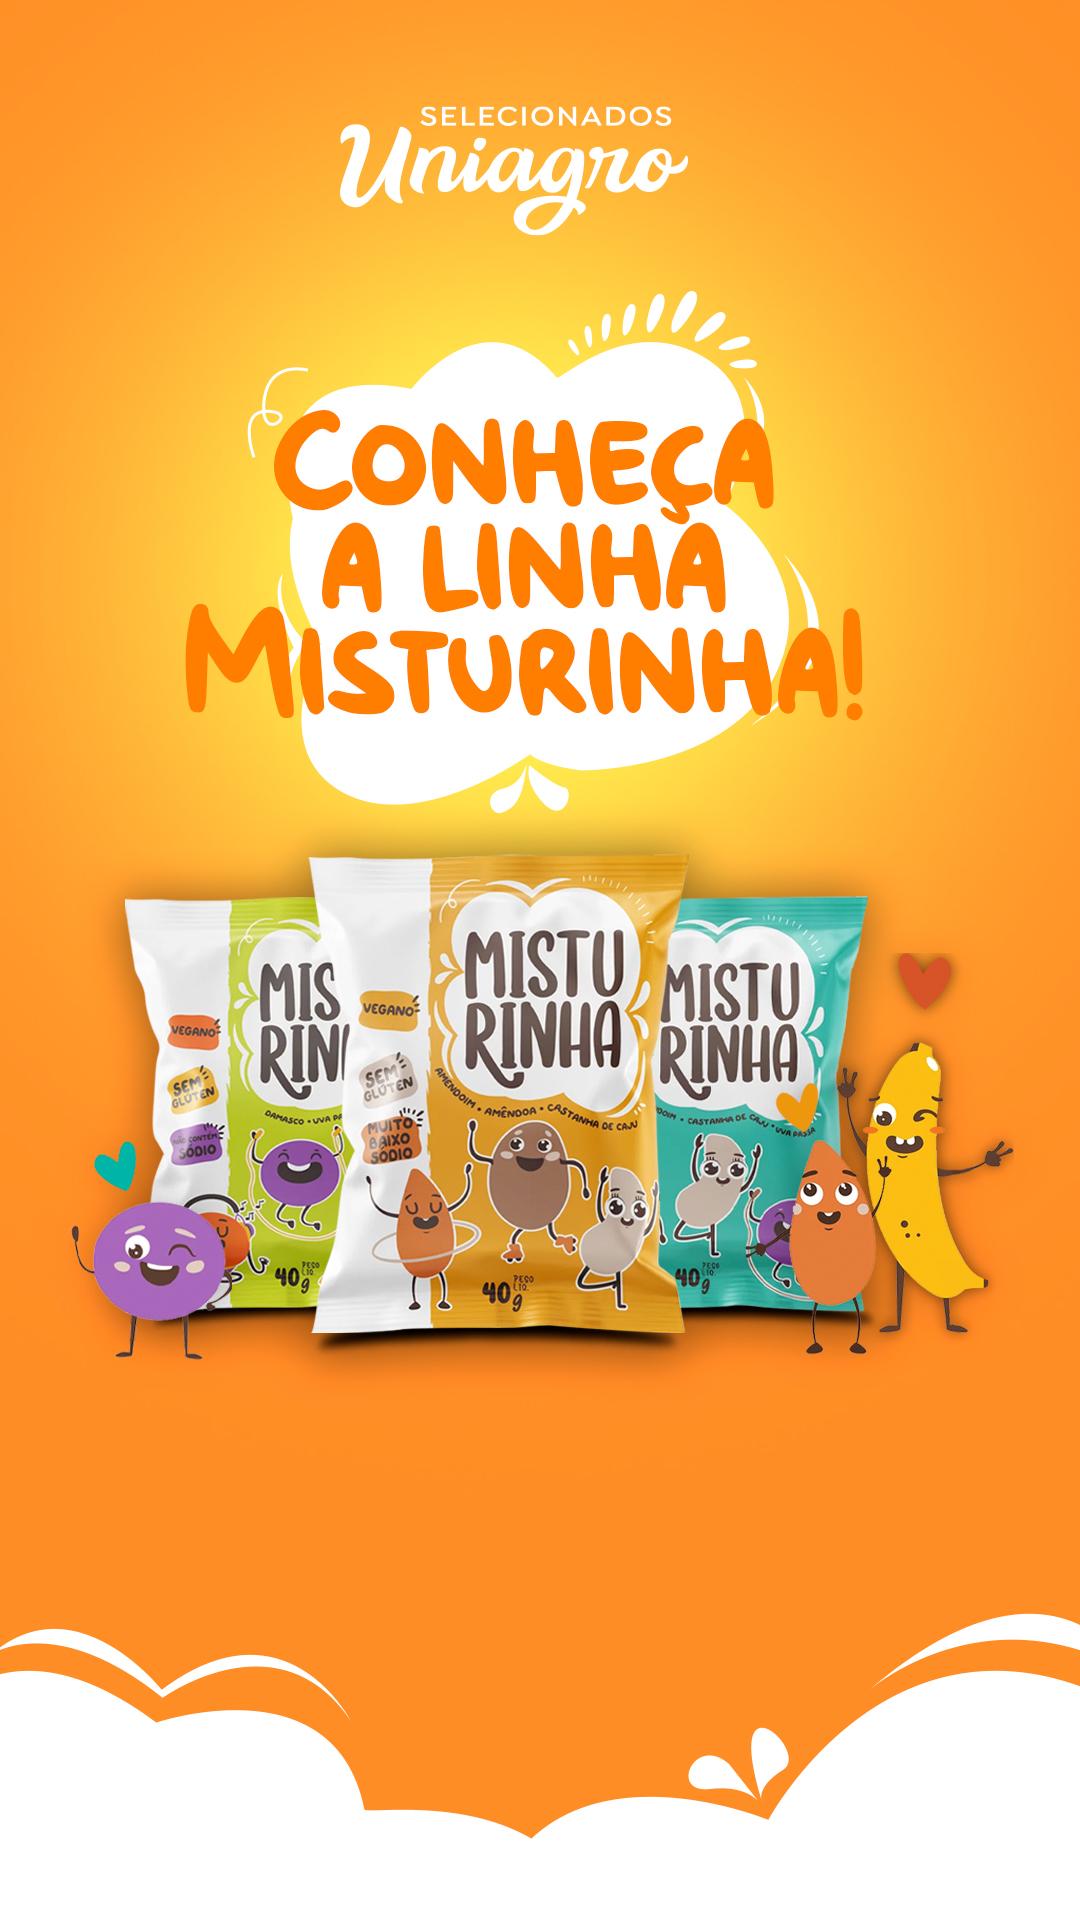 https://www.selecionadosuniagro.com.br/misturinha